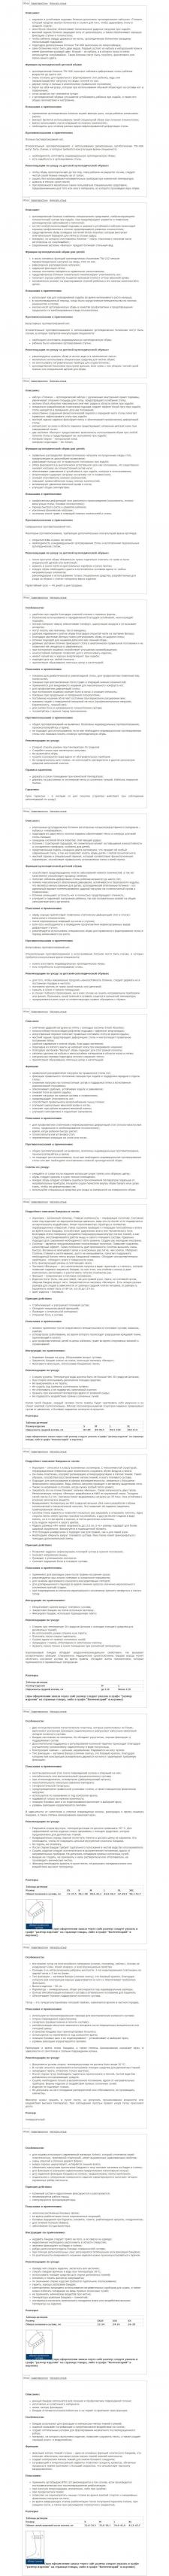 МЕДИЦИНА, Описание товаров orto-ved.ru